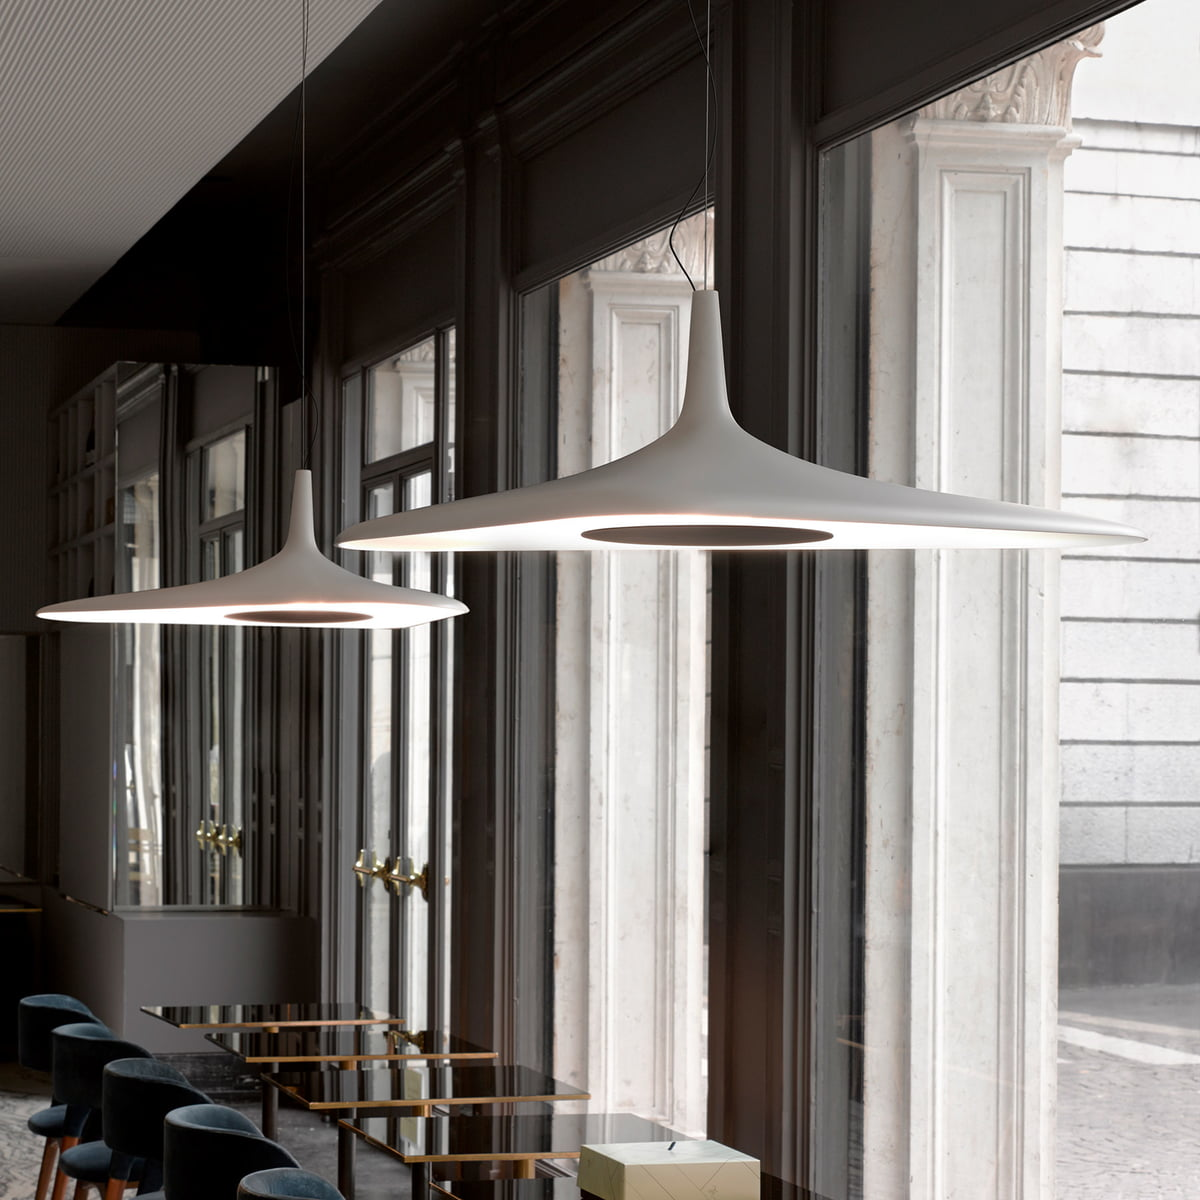 Ansprechend Esstischlampe Modern Referenz Von Soleil Noir Pendant Lamp In The Home